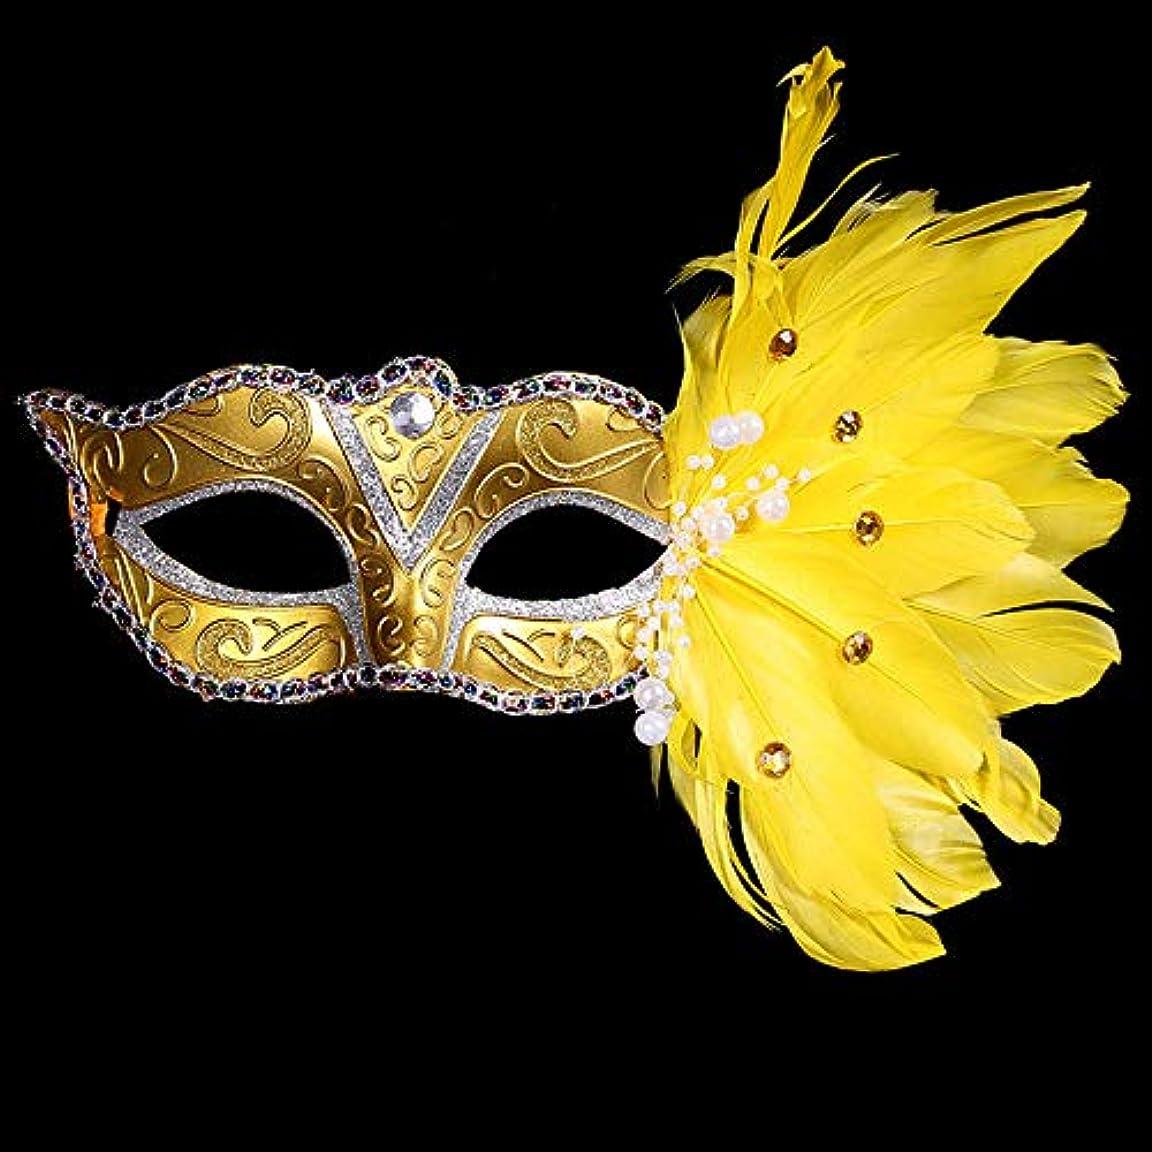 複合想像力豊かなイノセンスフェザーマスク、ベネチアフェザー等マスカレード、クリスマス、ファッションショーパーティー、マスク,イエロー